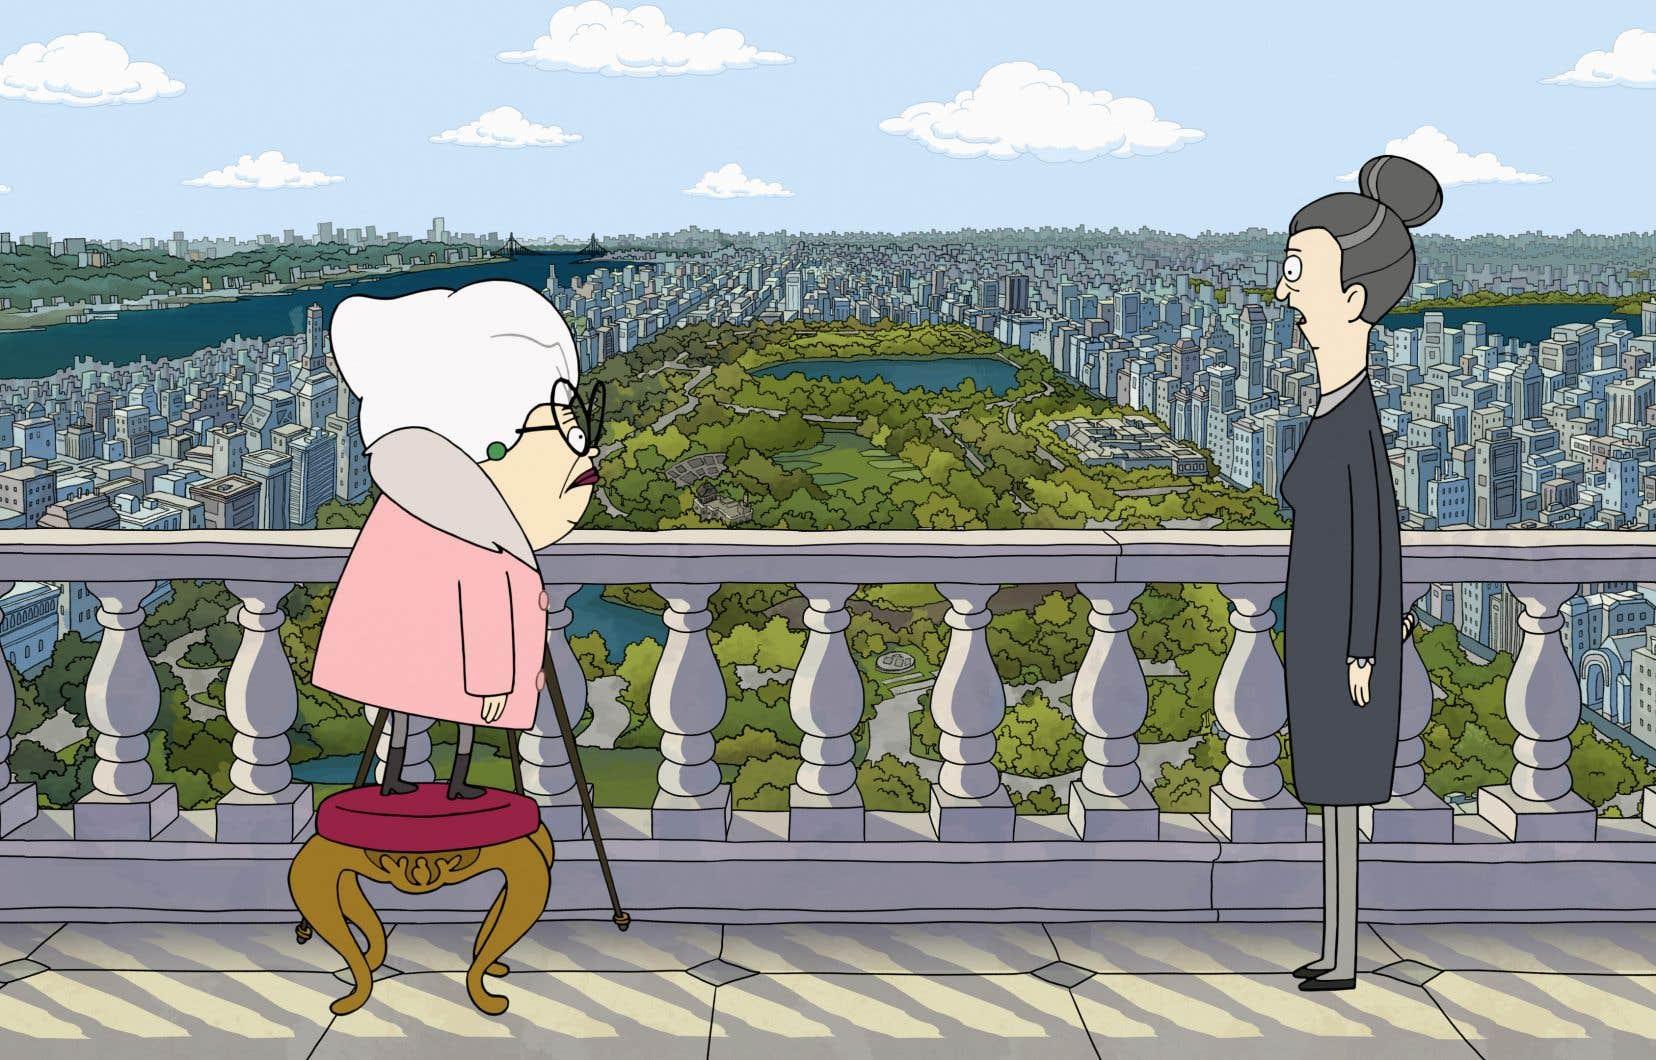 L'histoire de «Central Park» est plantée dans la Grosse Pomme, avec les immeubles de Manhattan en arrière-plan.